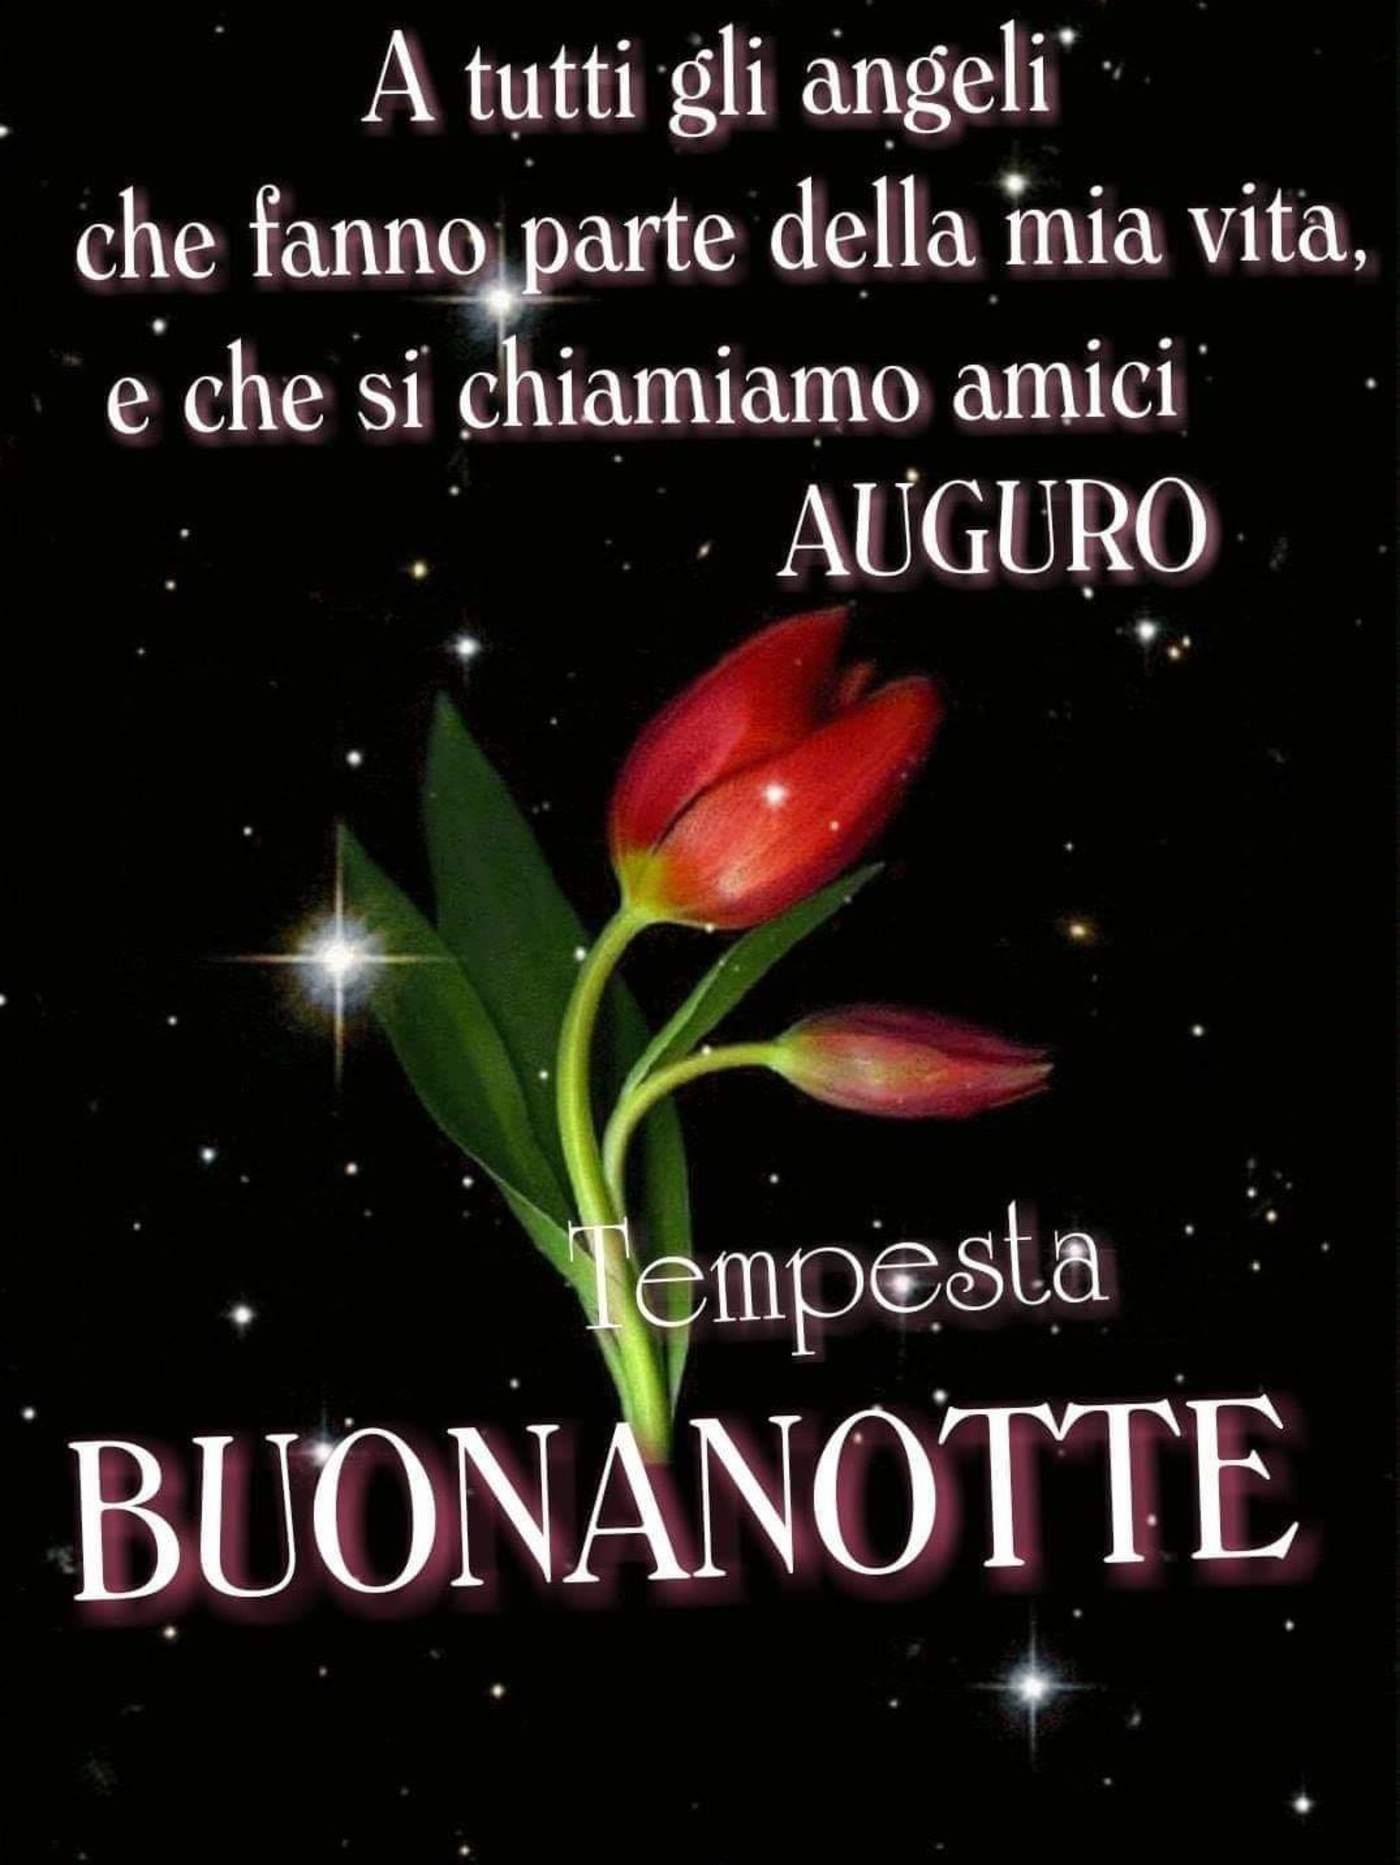 Buonanotte Con Affetto Buongiorno Immagini It